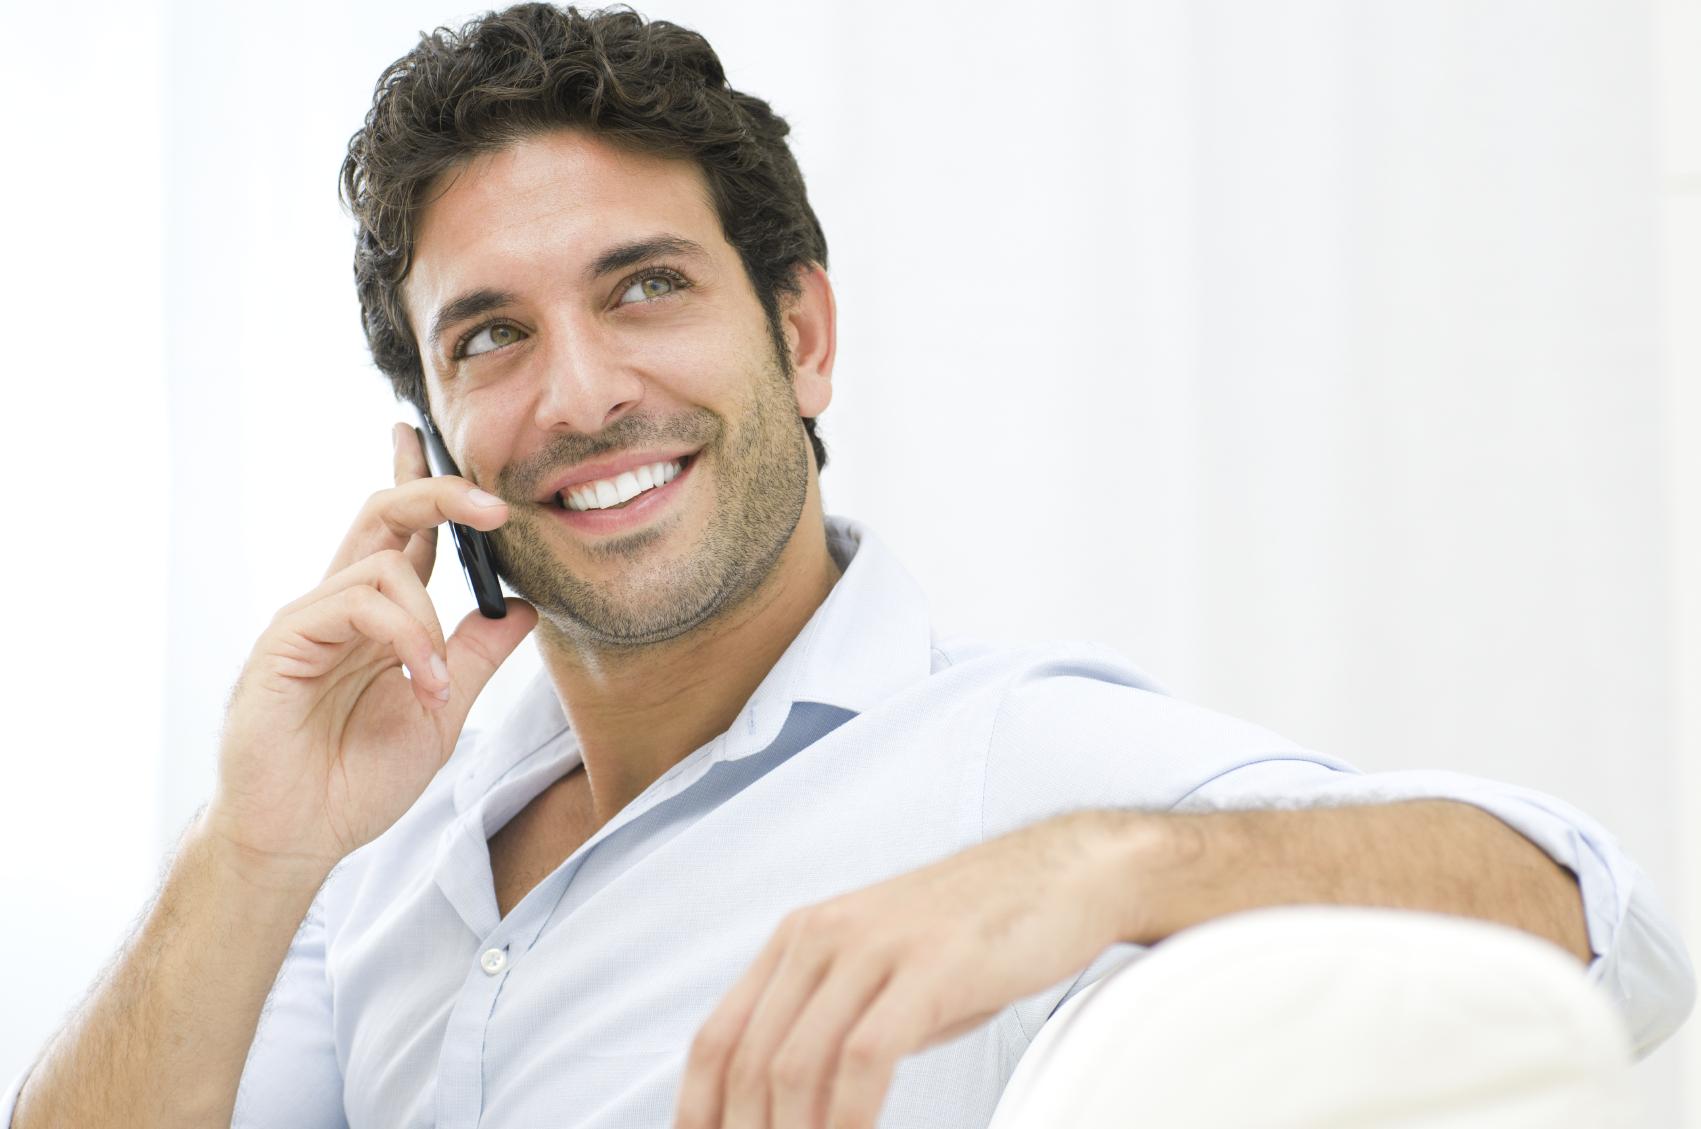 Hướng dẫn mua thẻ game qua SMS đơn giản và dễ dàng nhất